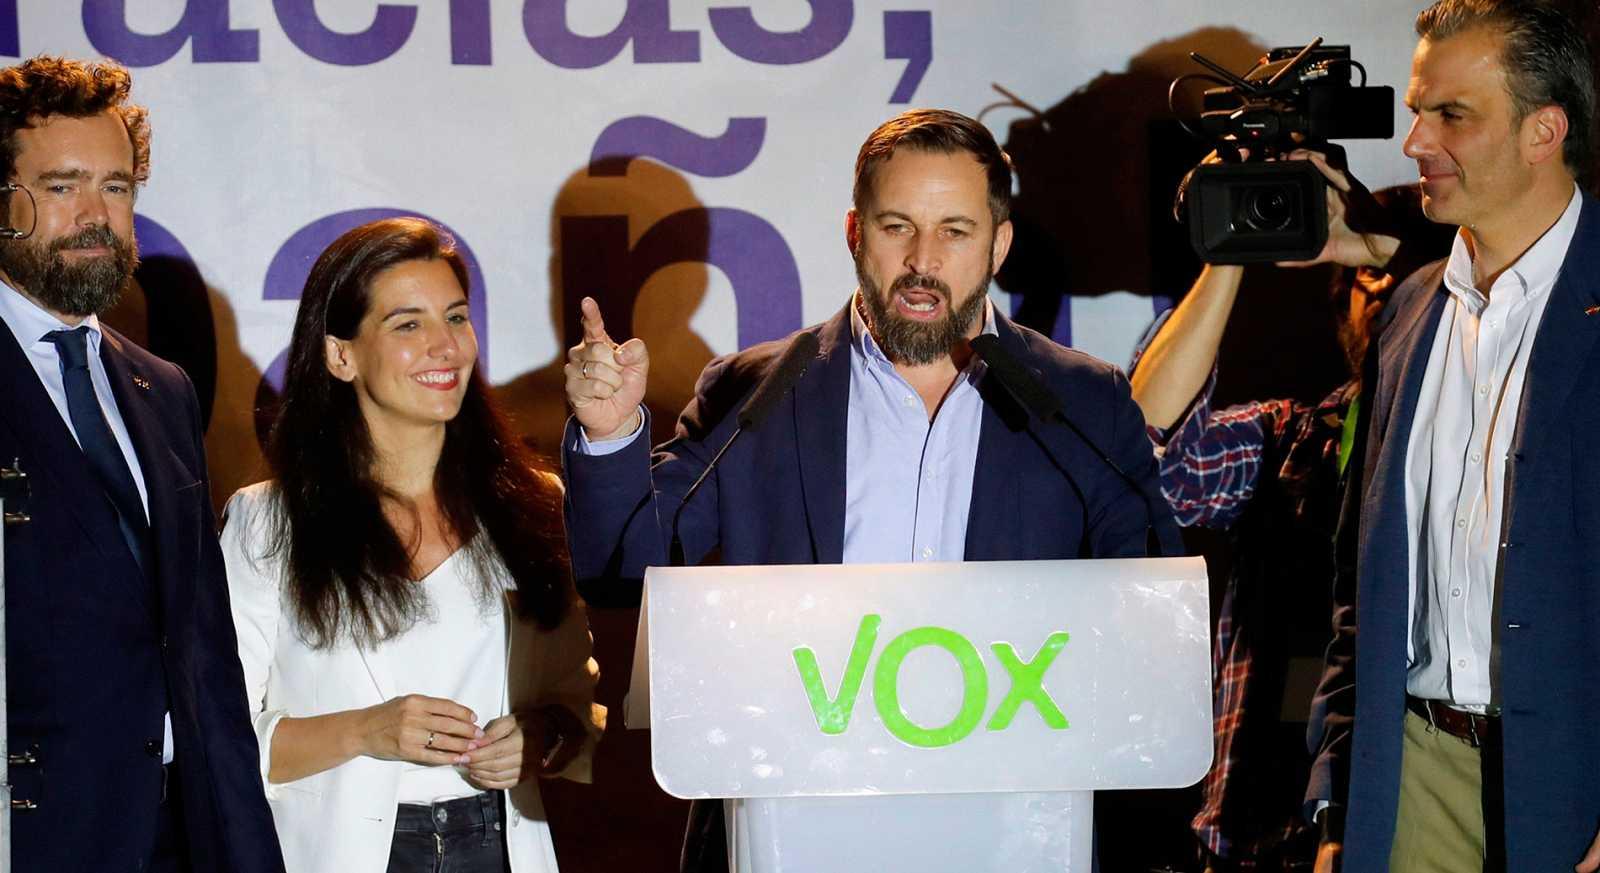 """El líder y candidato a la Moncloa de Vox, Santiago Abascal, ha valorado en clave triunfalista los resultados de su partido en las Elecciones Generales 2019, en las que ha obtenido 24 diputados.""""Os dijimos que iniciabamos una reconquista y eso es lo q"""